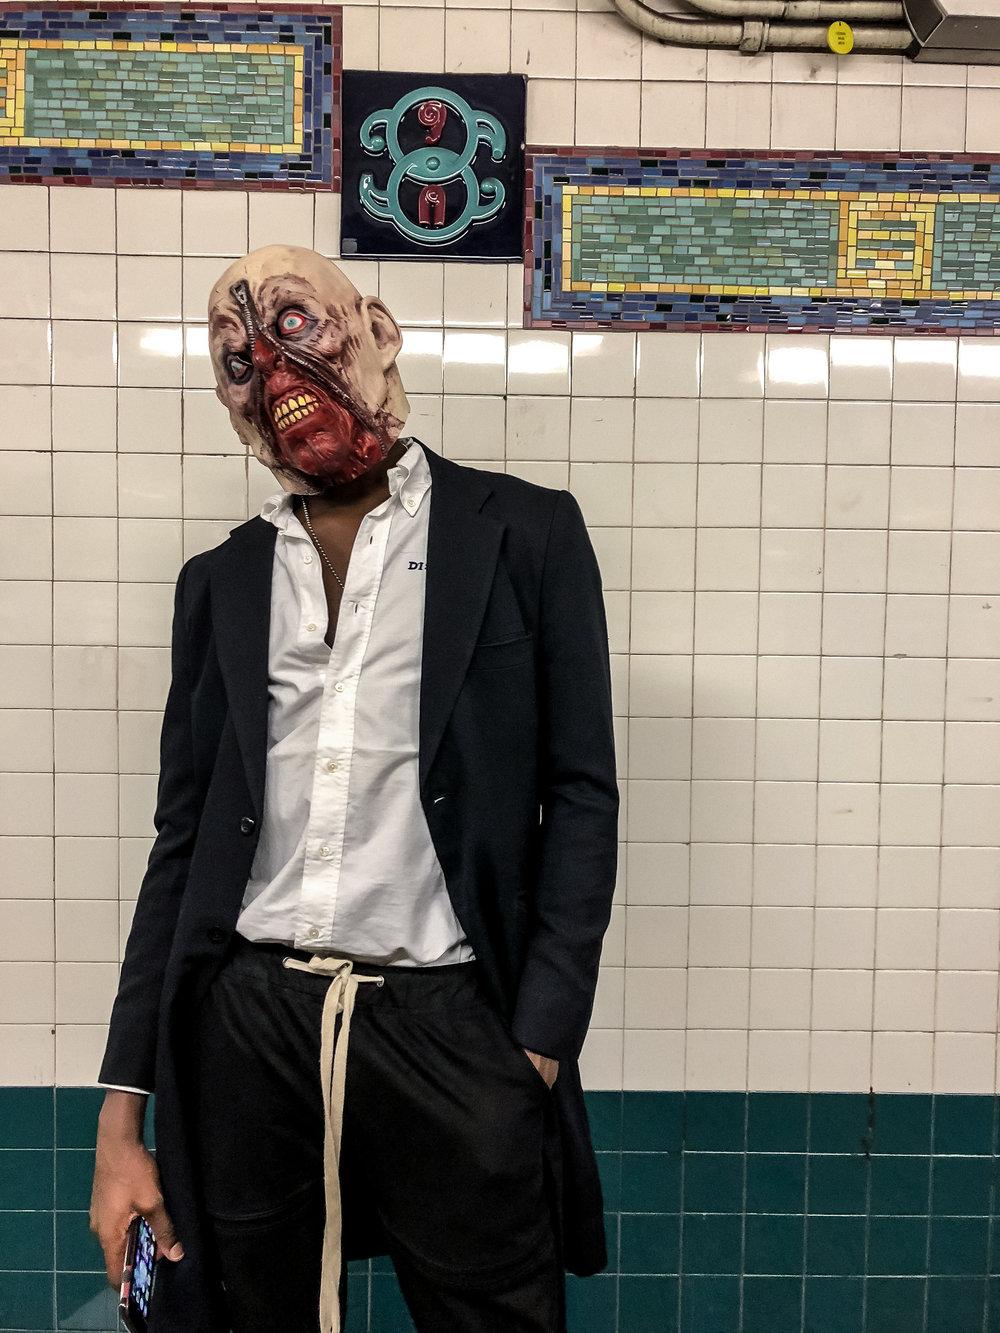 SubwayHalloween-27.jpg